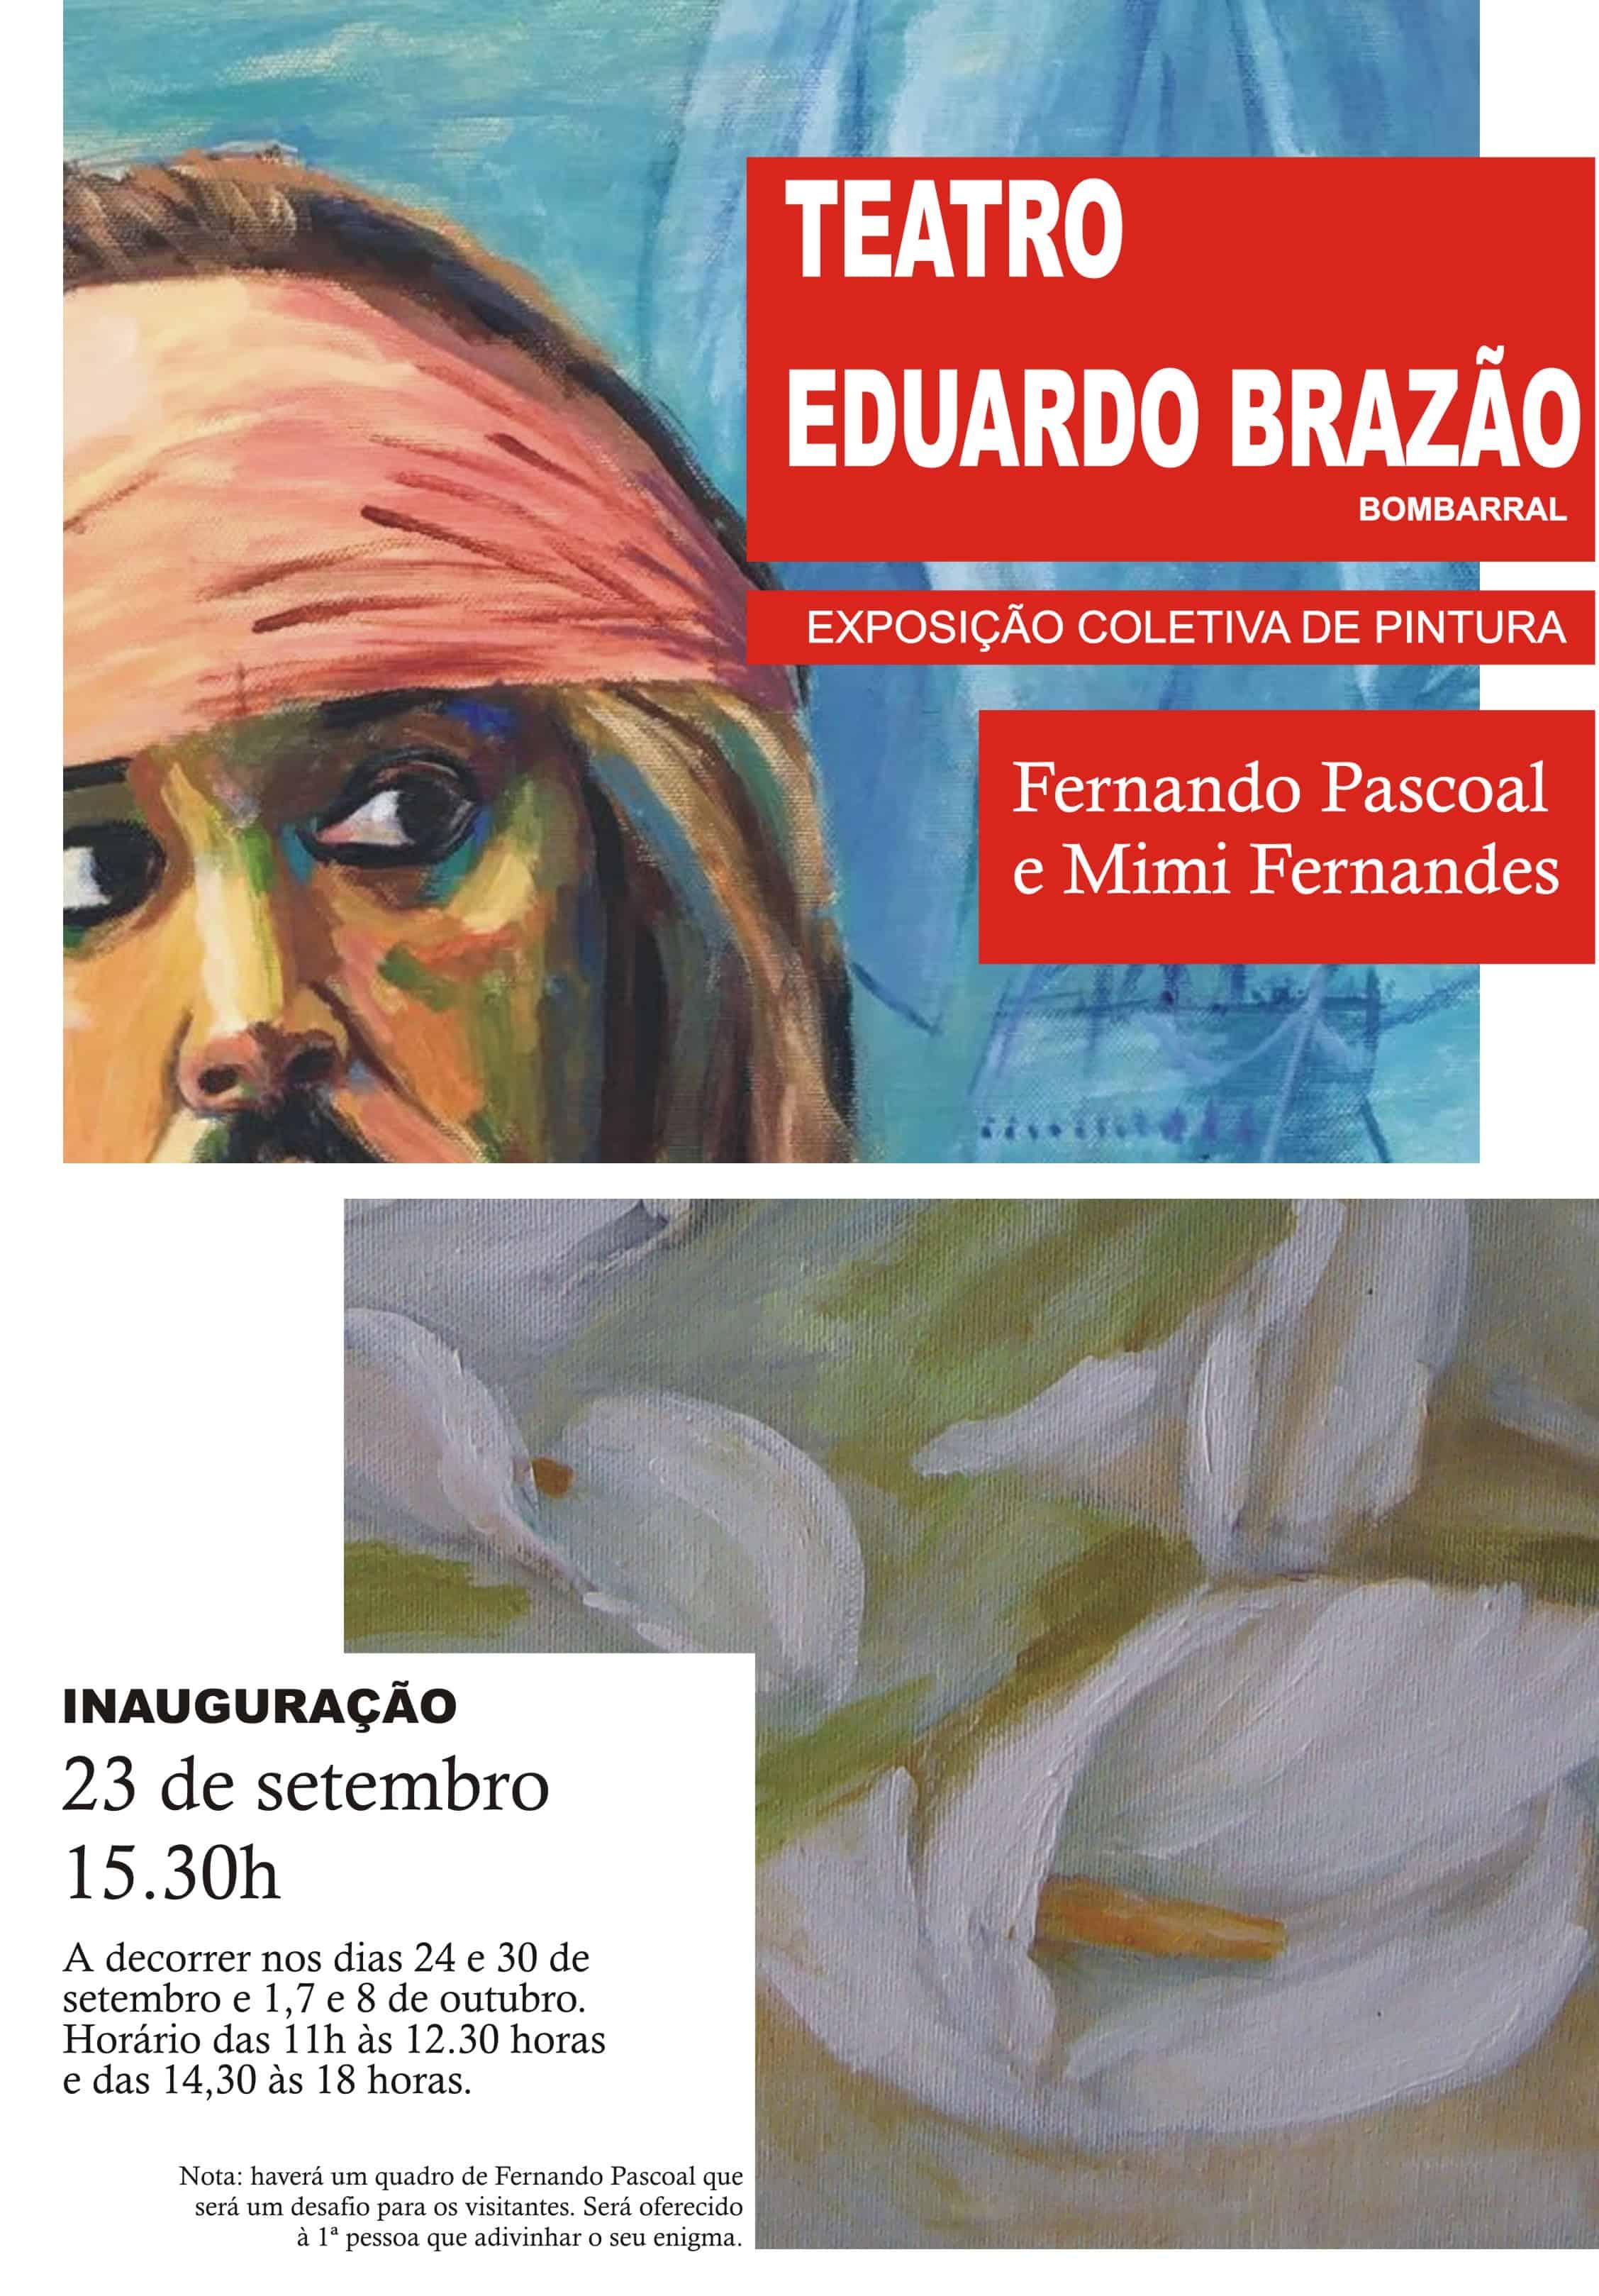 Fernando Pascoal e Mimi Fernandes juntam-se para uma exposição colectiva de pintura que vai decorrer no Bombarral no Teatro Eduardo Brazão. Quando se tem o privilégio de chegar aos 99 anos